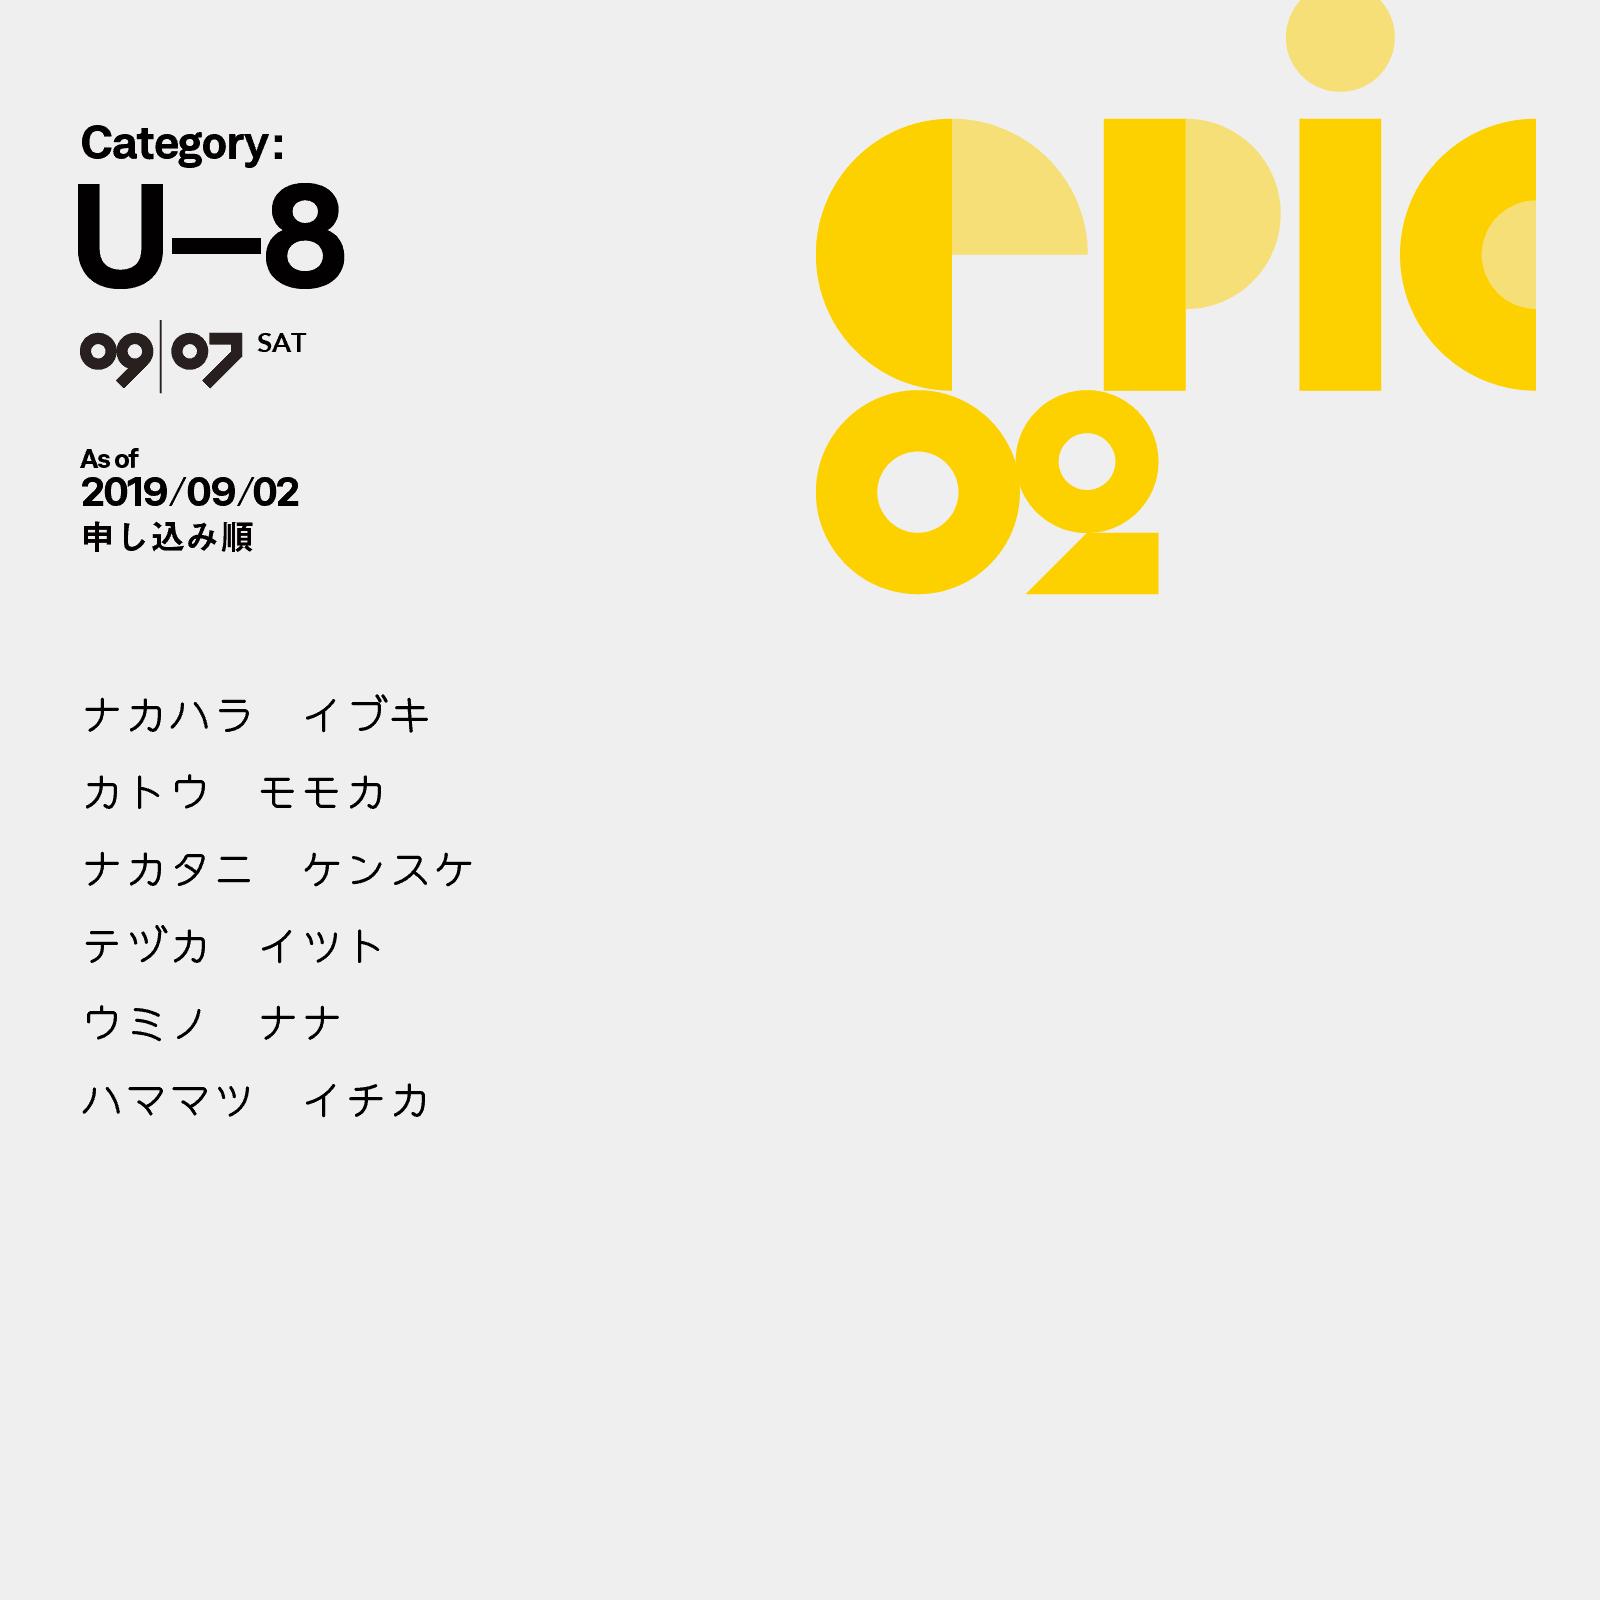 U-8 参加者リスト